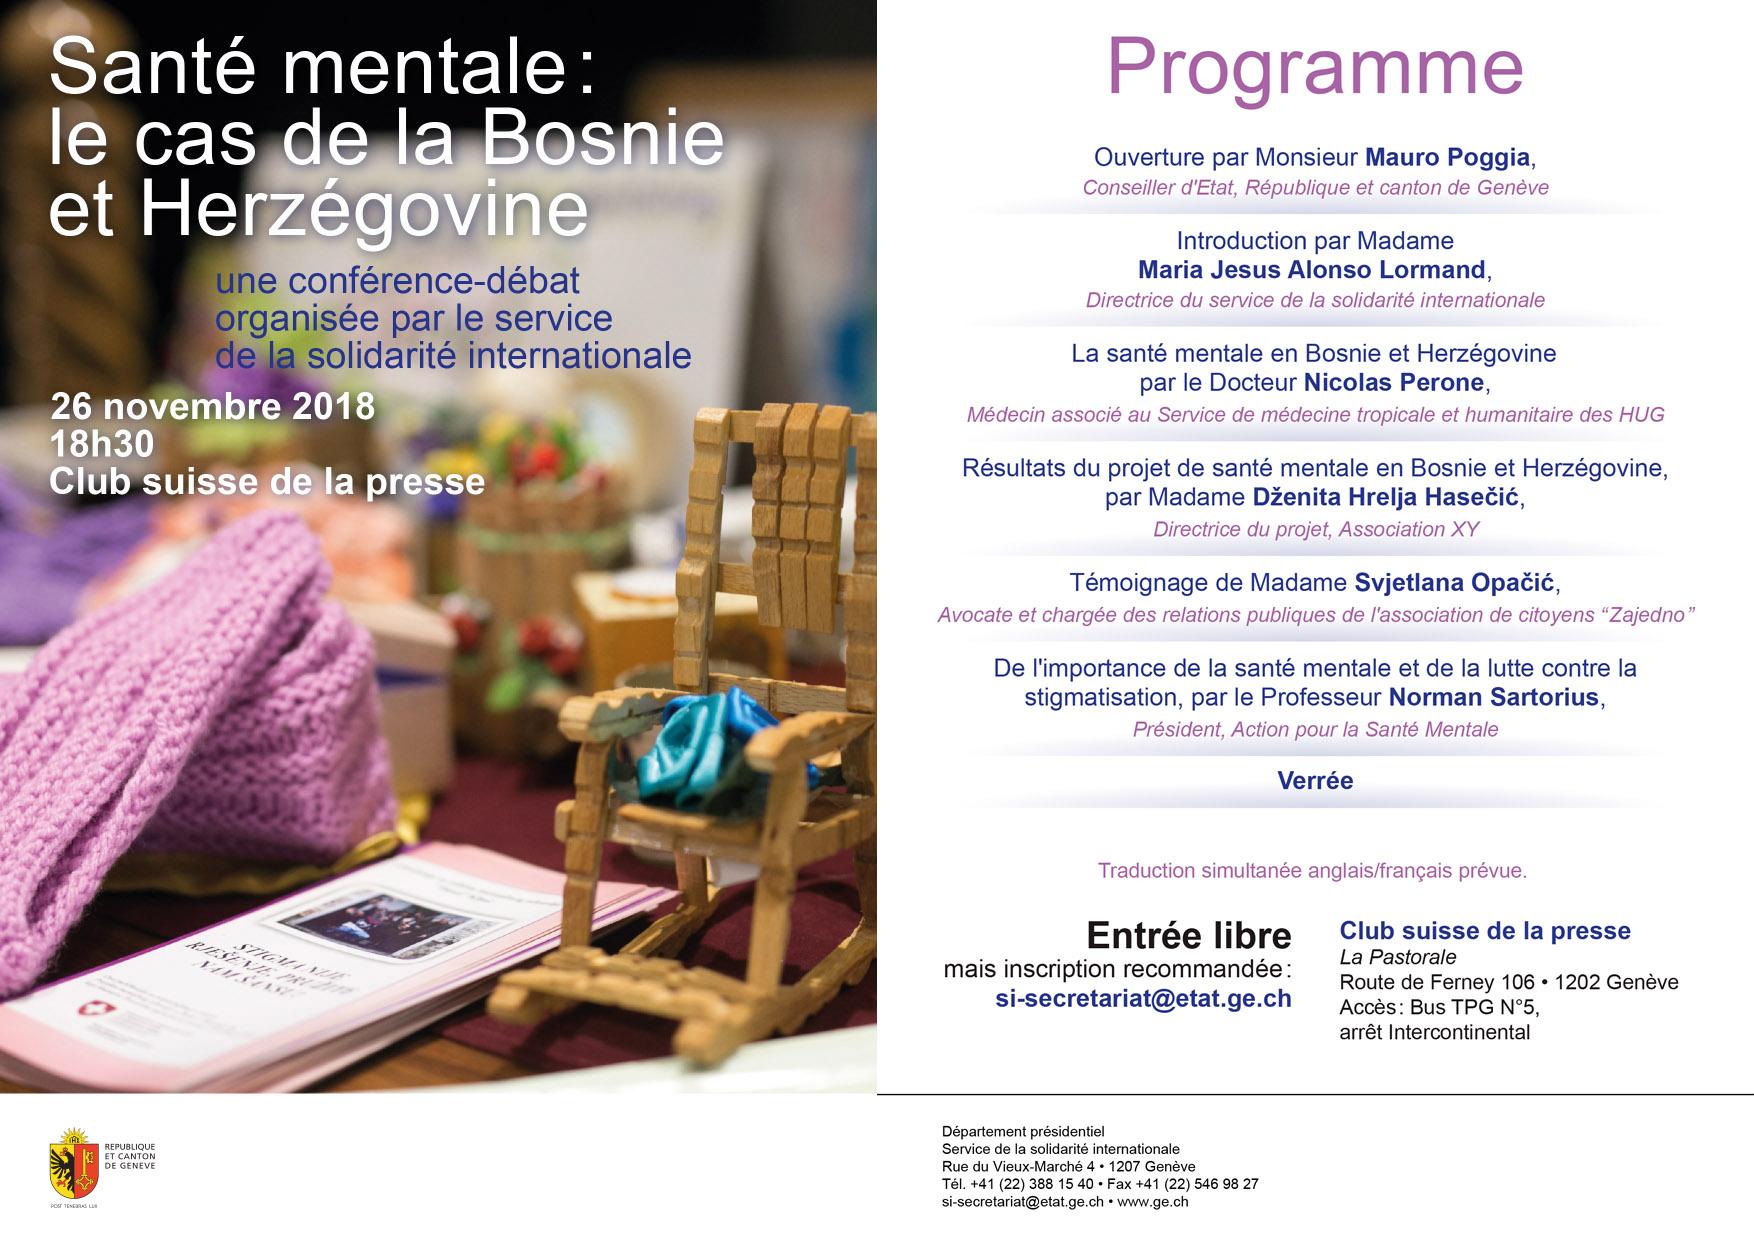 Santé mentale: le cas de la Bosnie et Herzégovine